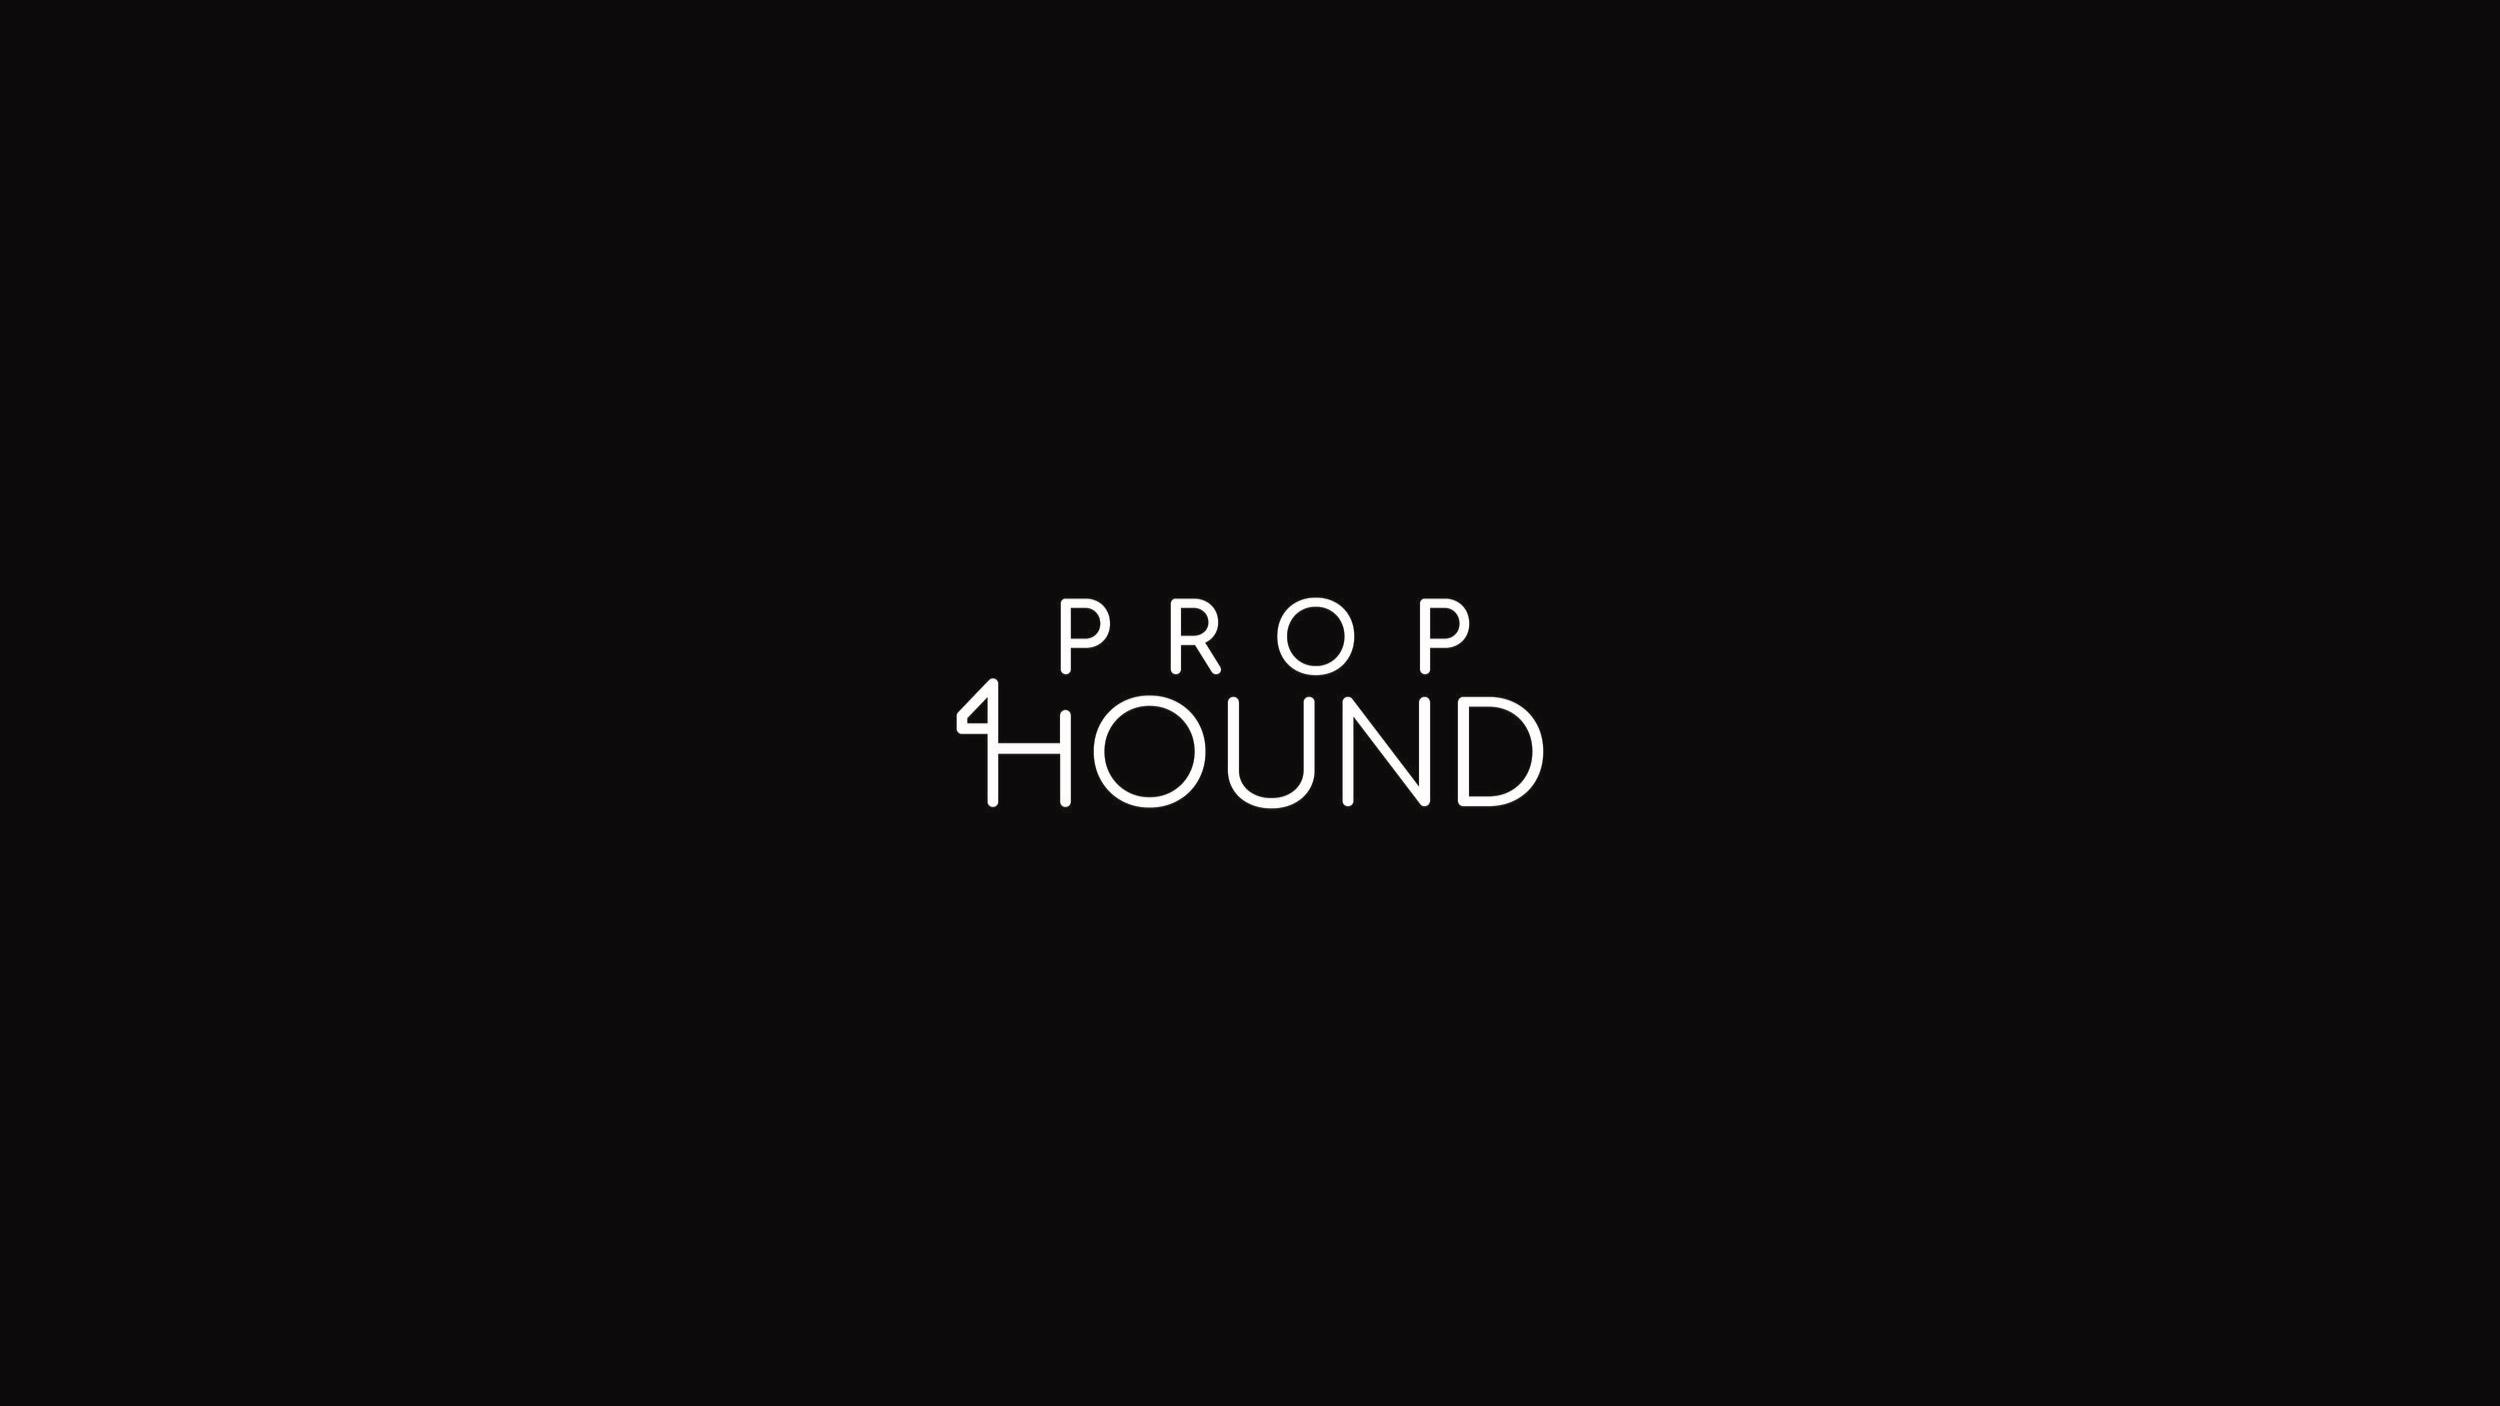 Prop_Hound-02.jpg